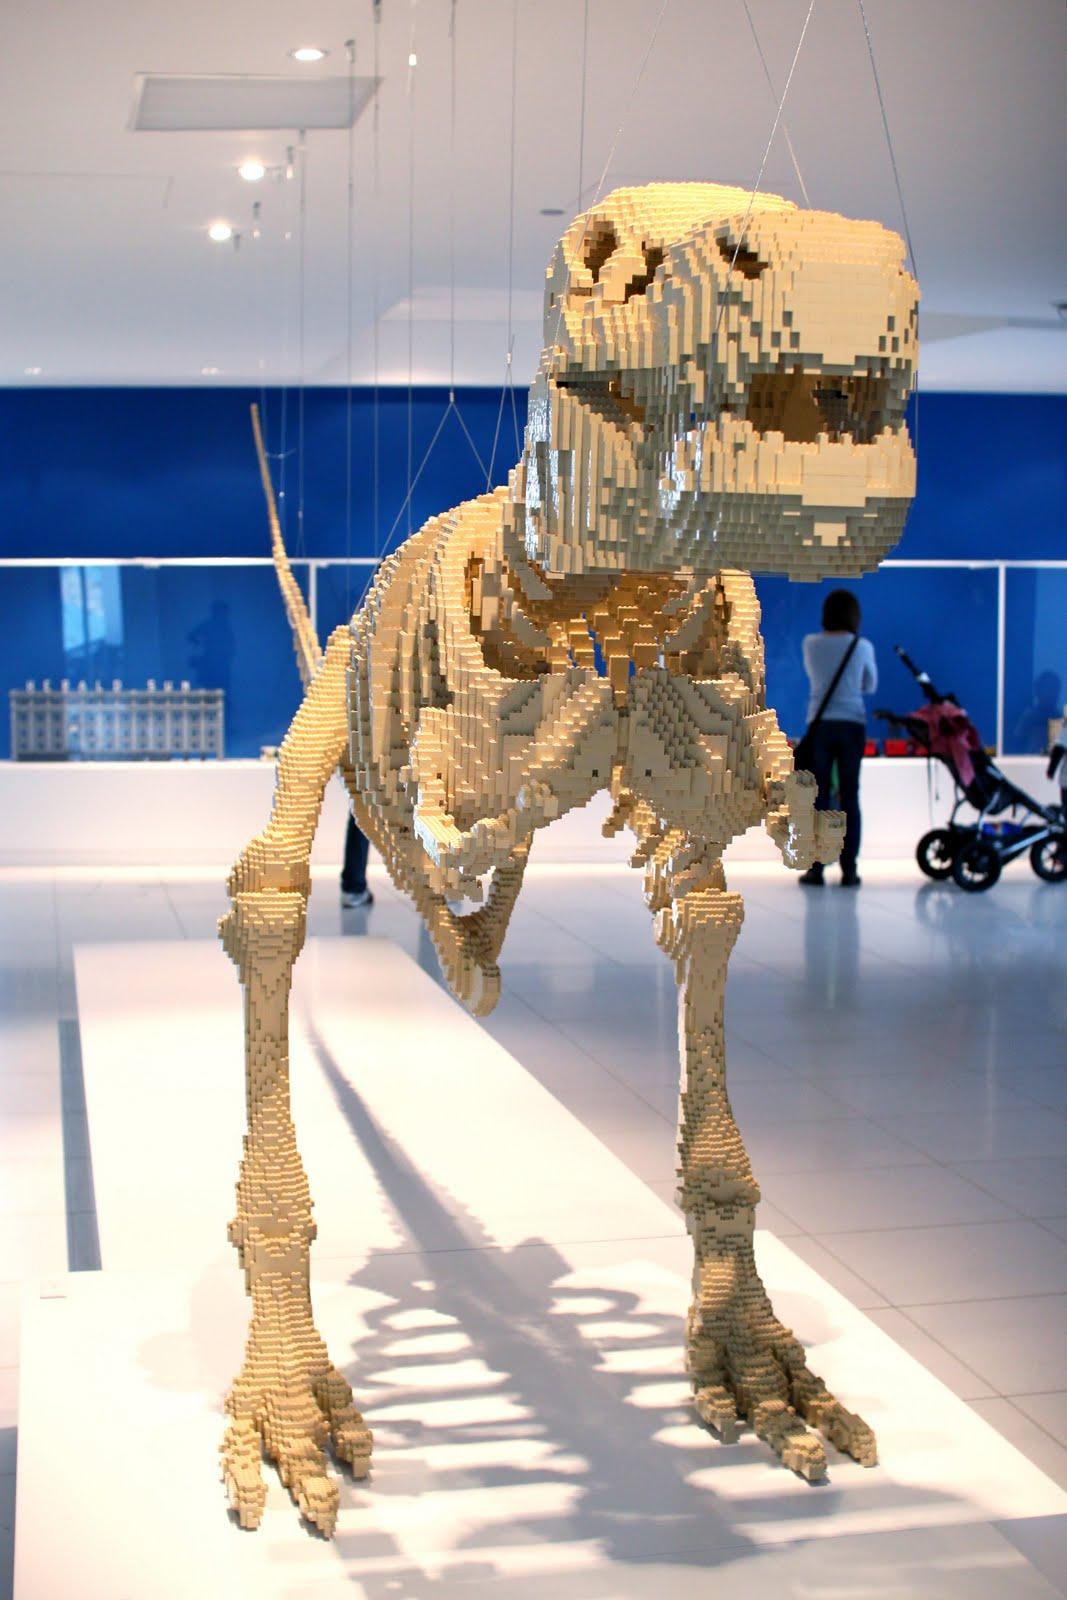 Koprolitos: El dinosaurio de Lego de Nathan Sawaya